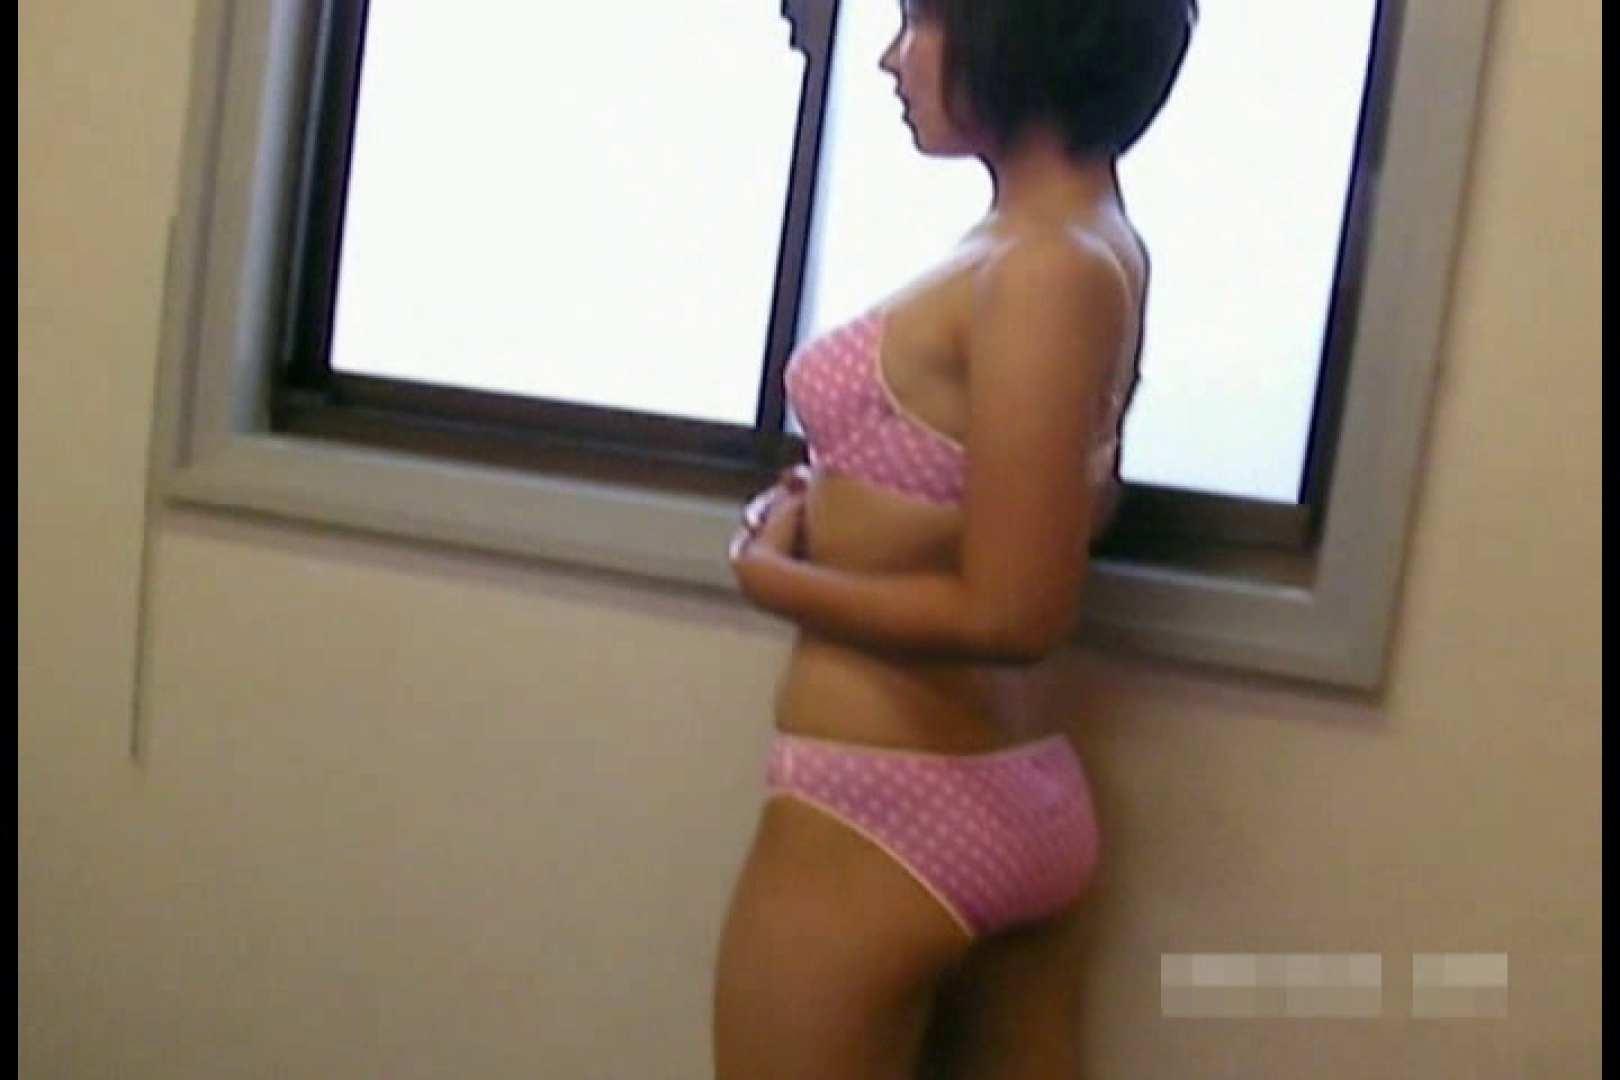 素人撮影 下着だけの撮影のはずが・・・エミちゃん18歳 盗撮   ギャル達のオマンコ  55画像 45